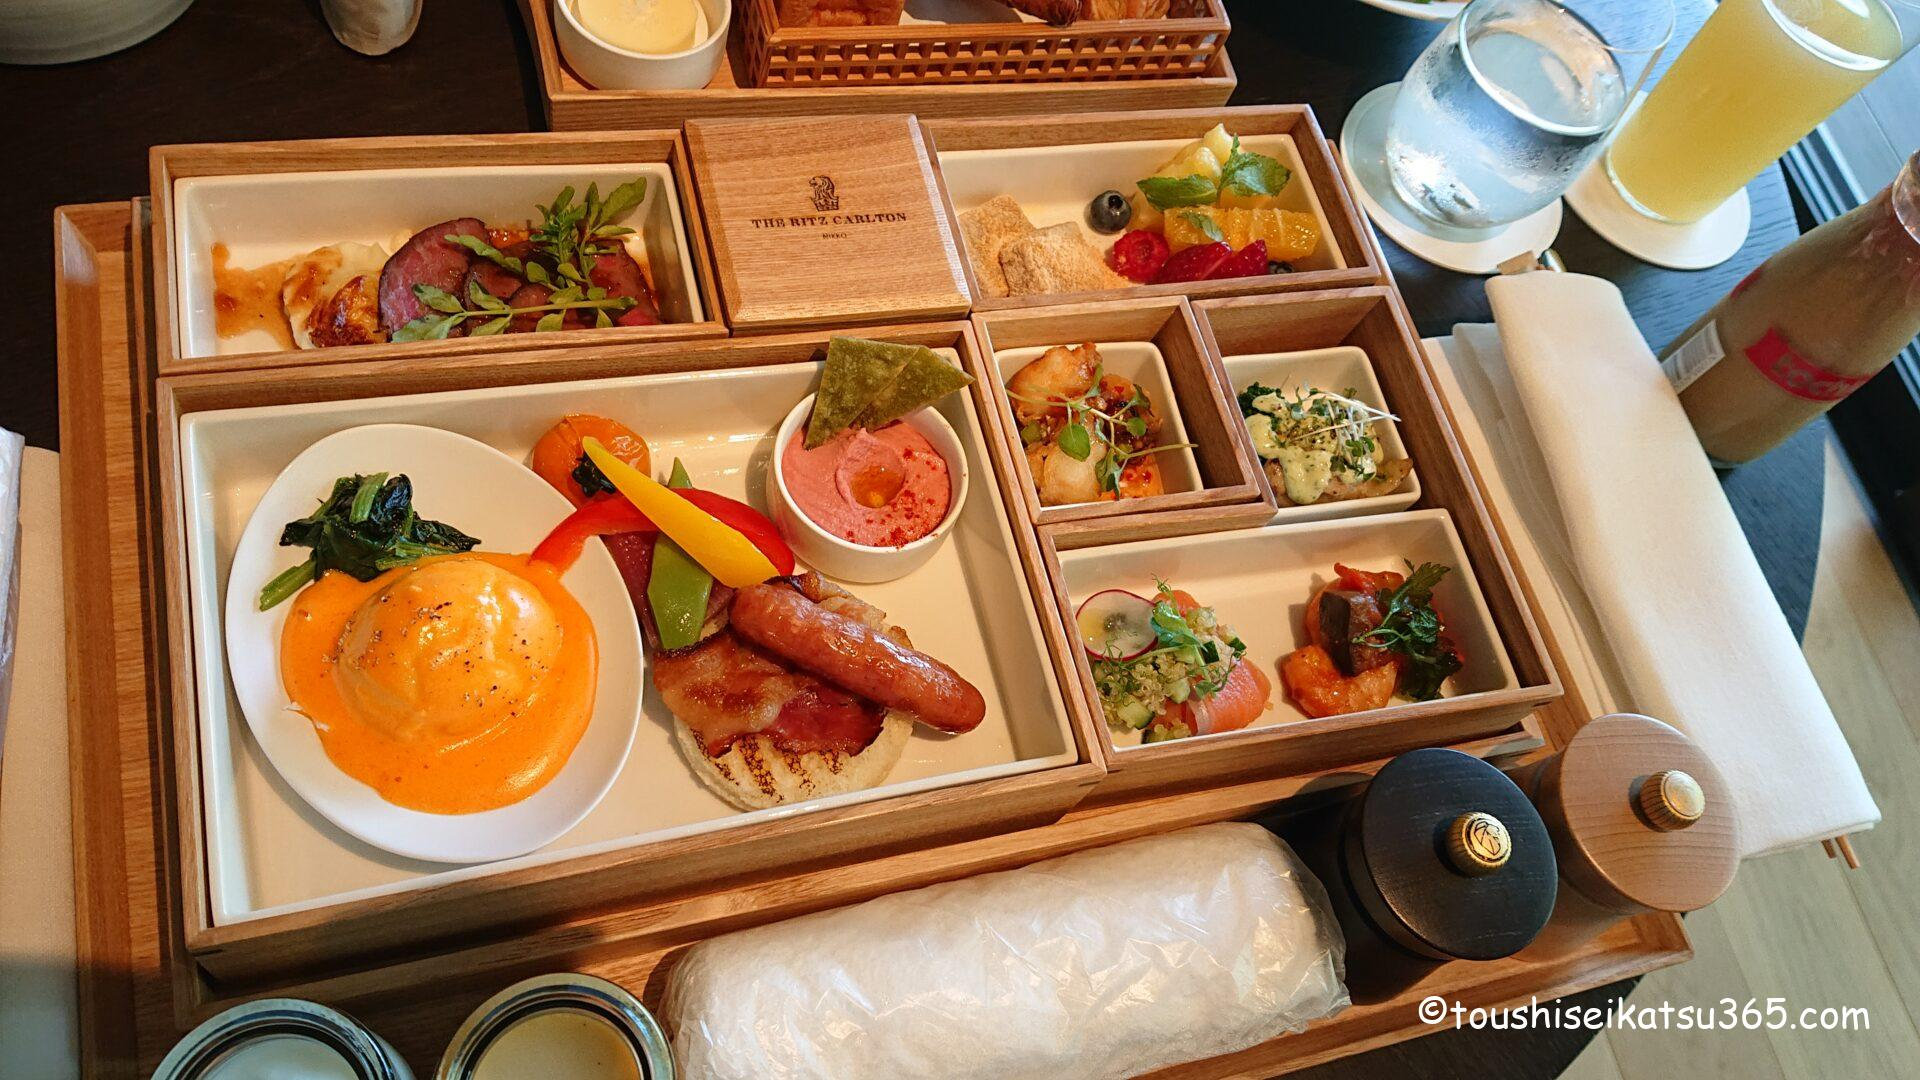 ザ・リッツ・カールトン ブレックファスト|洋朝食